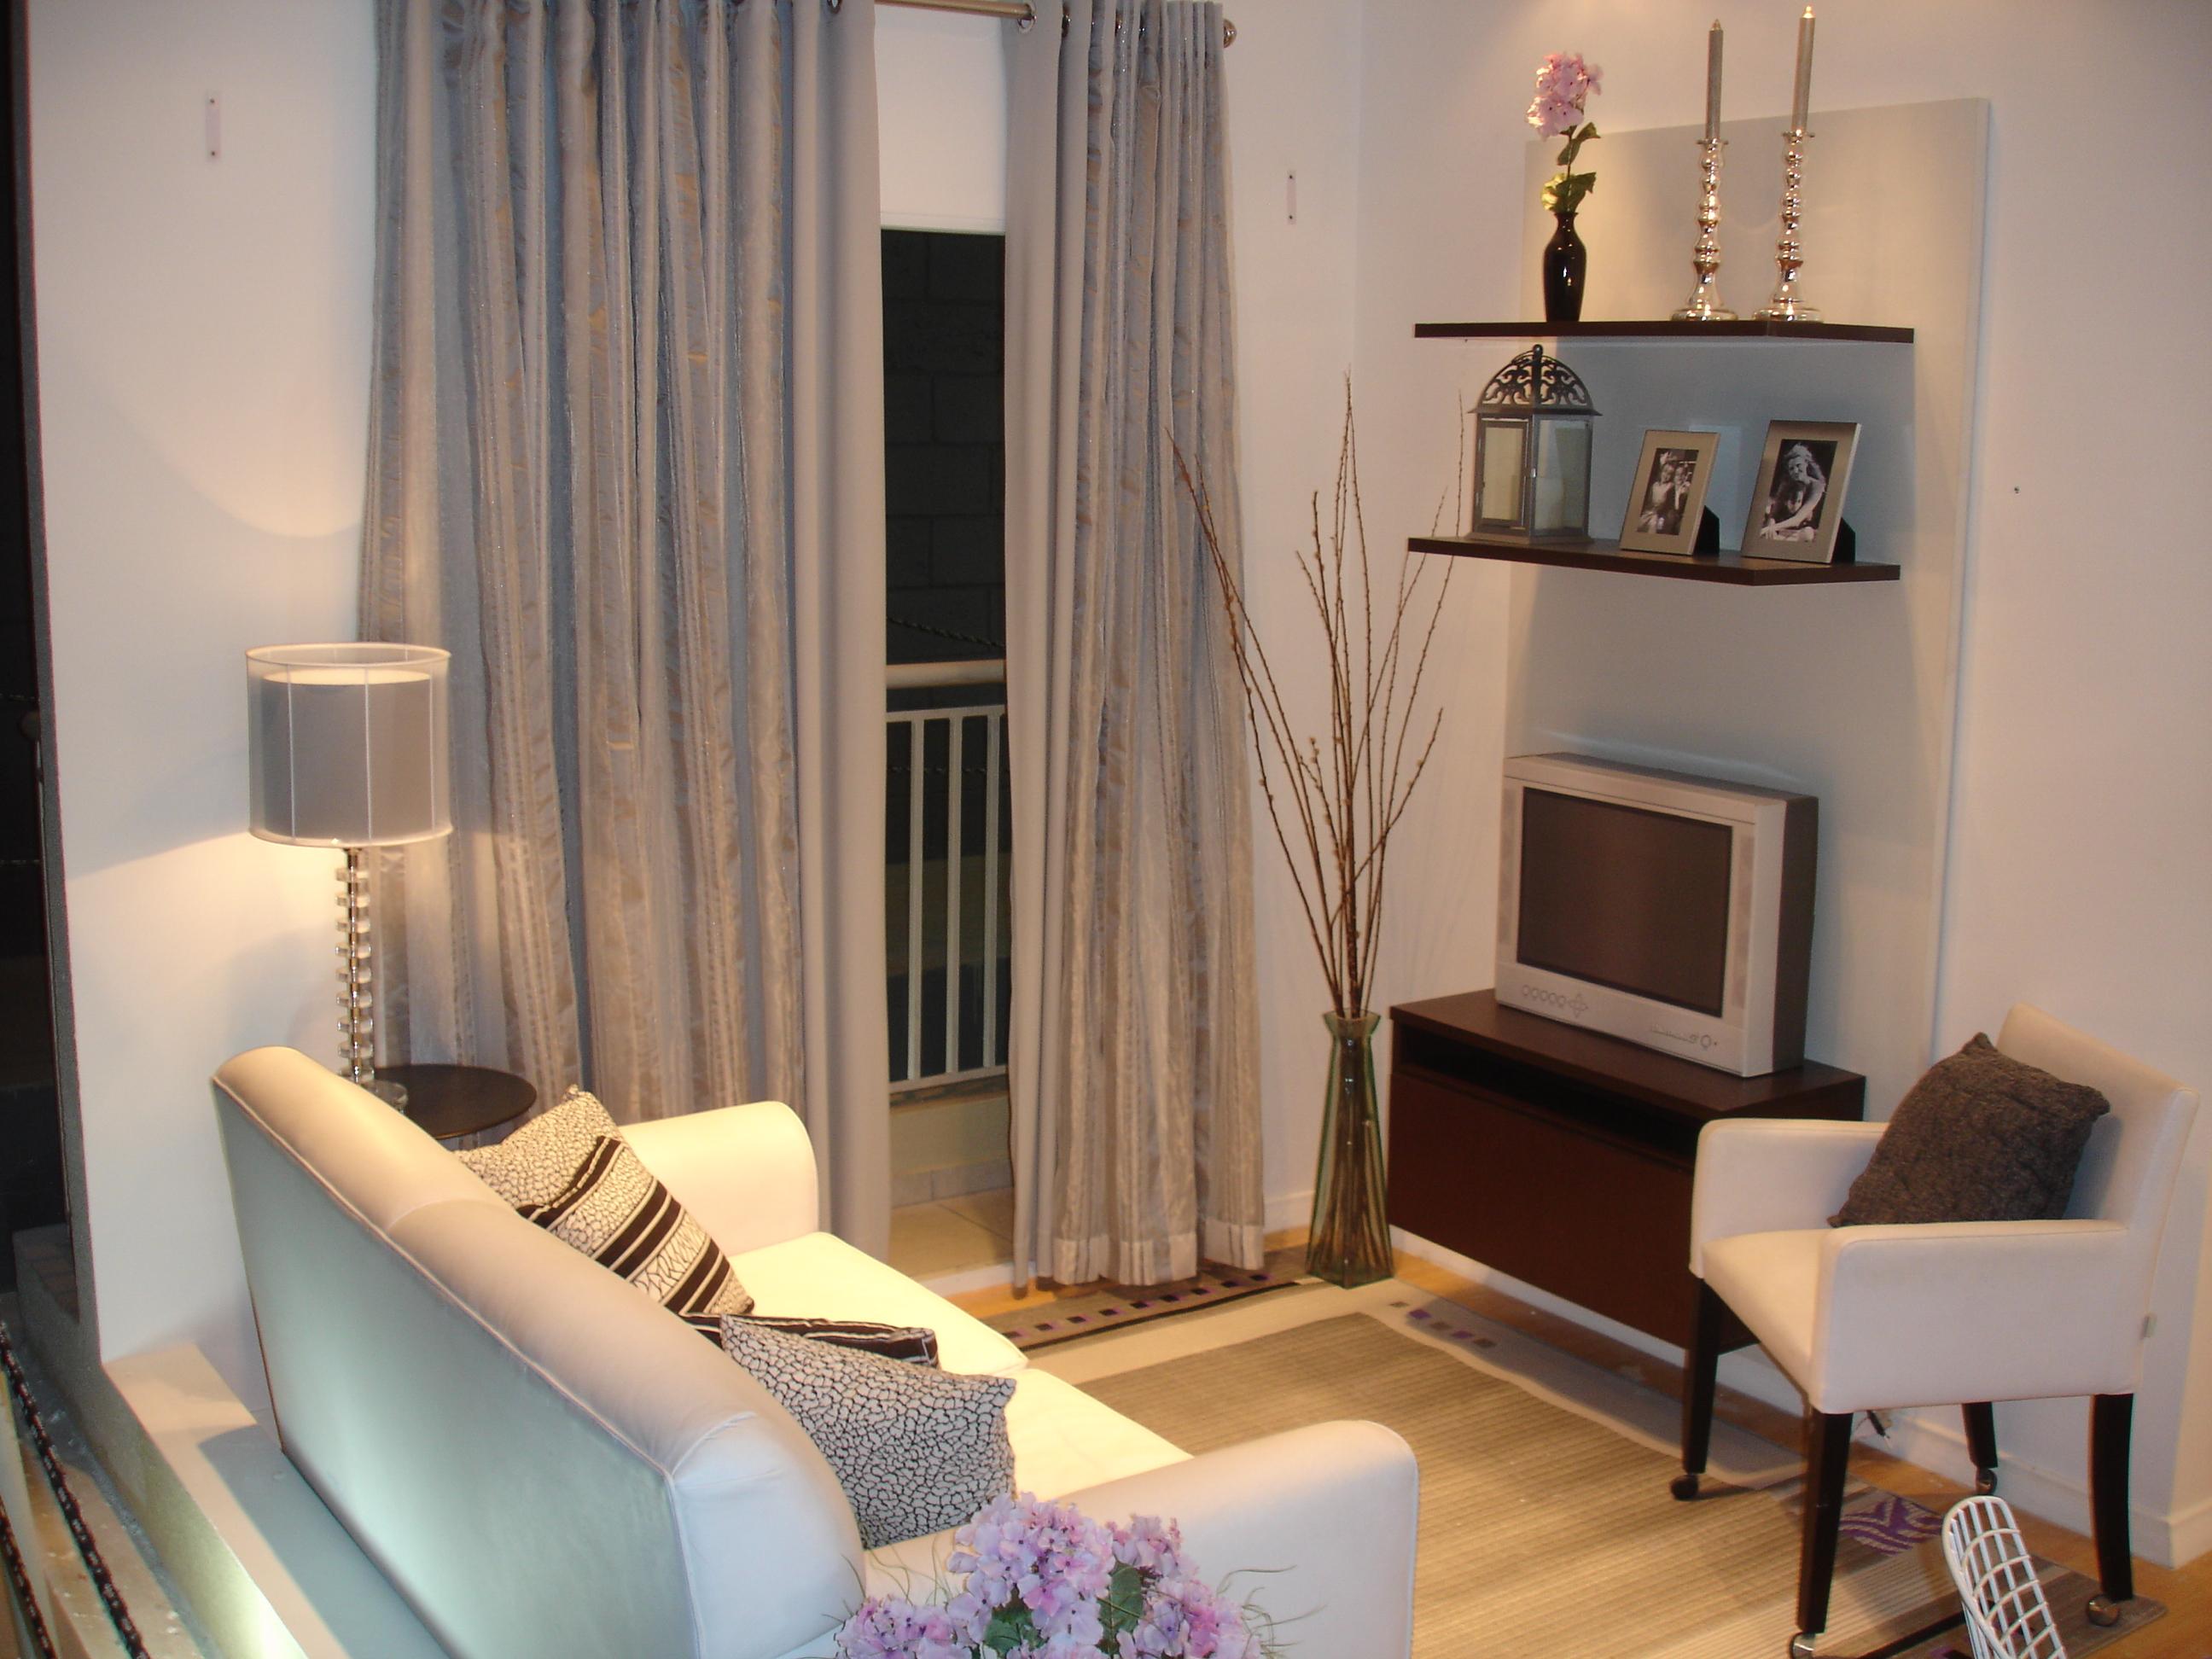 decoracao interiores ambientes pequenos : decoracao interiores ambientes pequenos:Dicas de Decoração para pequenos ambientes